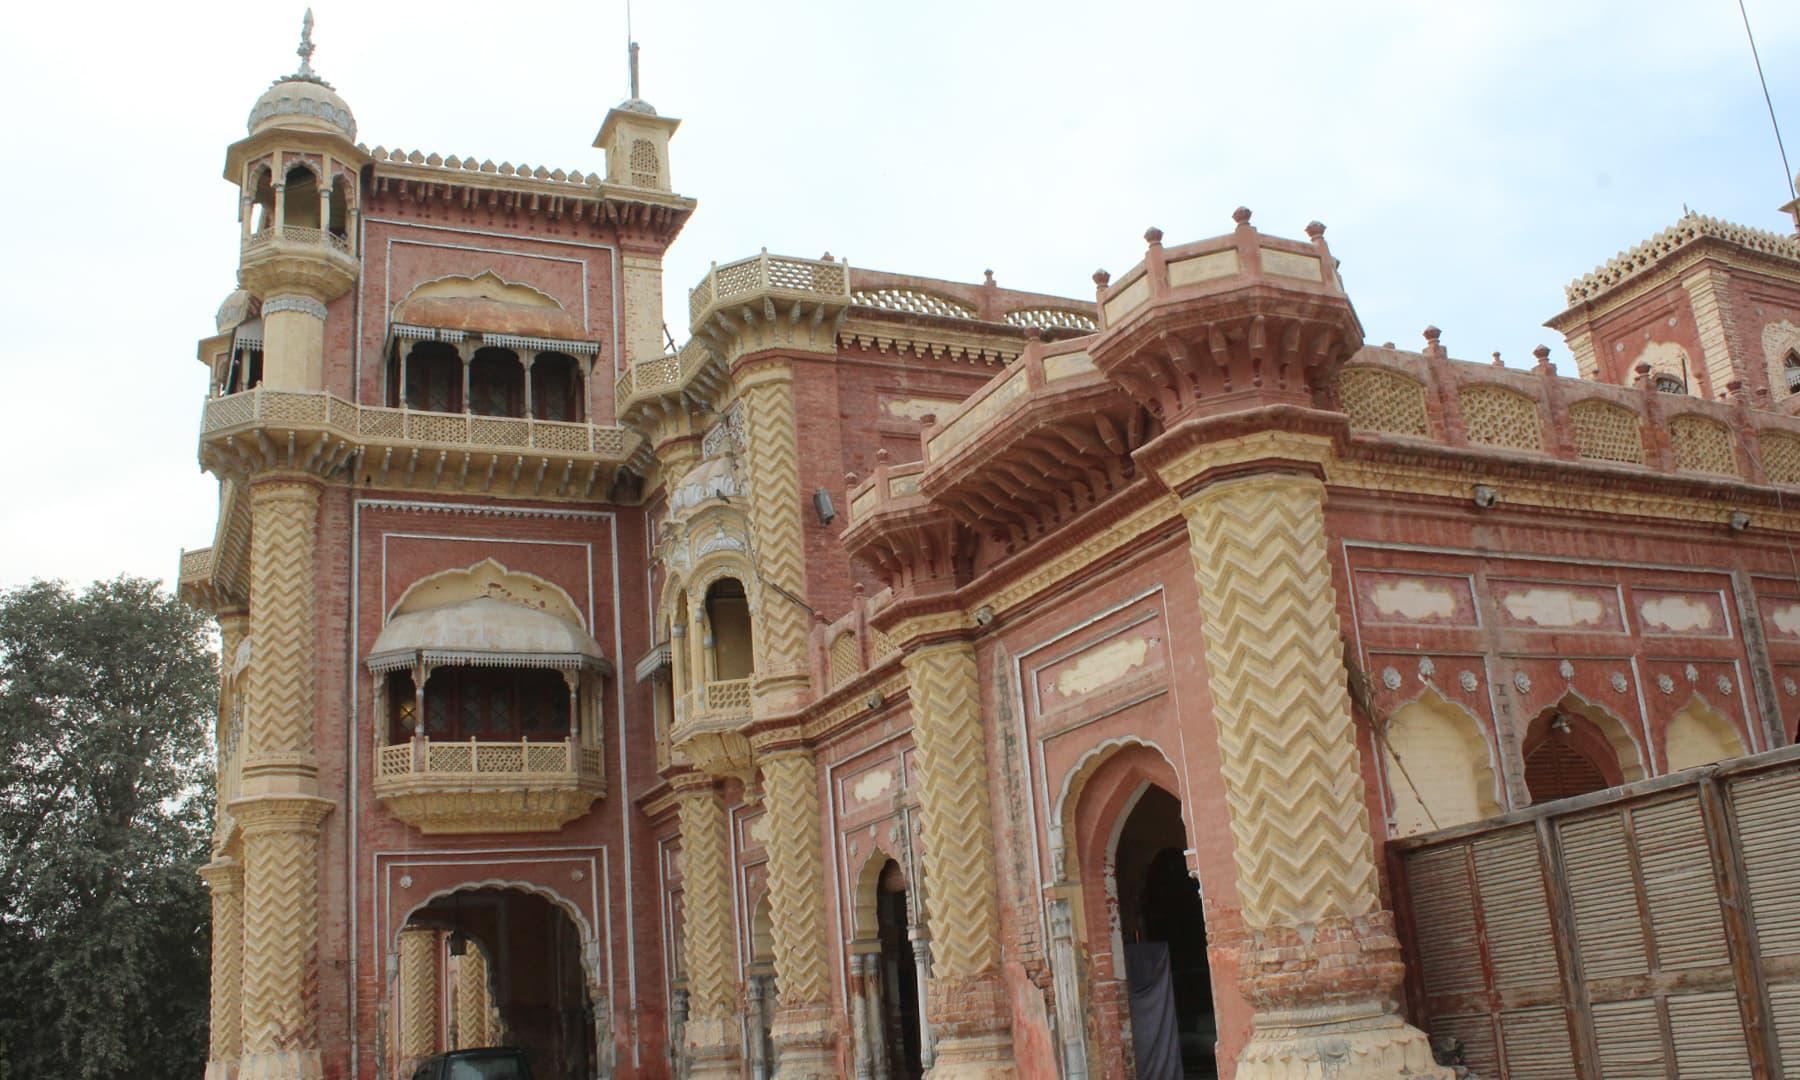 1786ء میں میر سہراب خان نے خیرپور کو اپنی تخت گاہ بنایا—تصویر اختر حفیظ